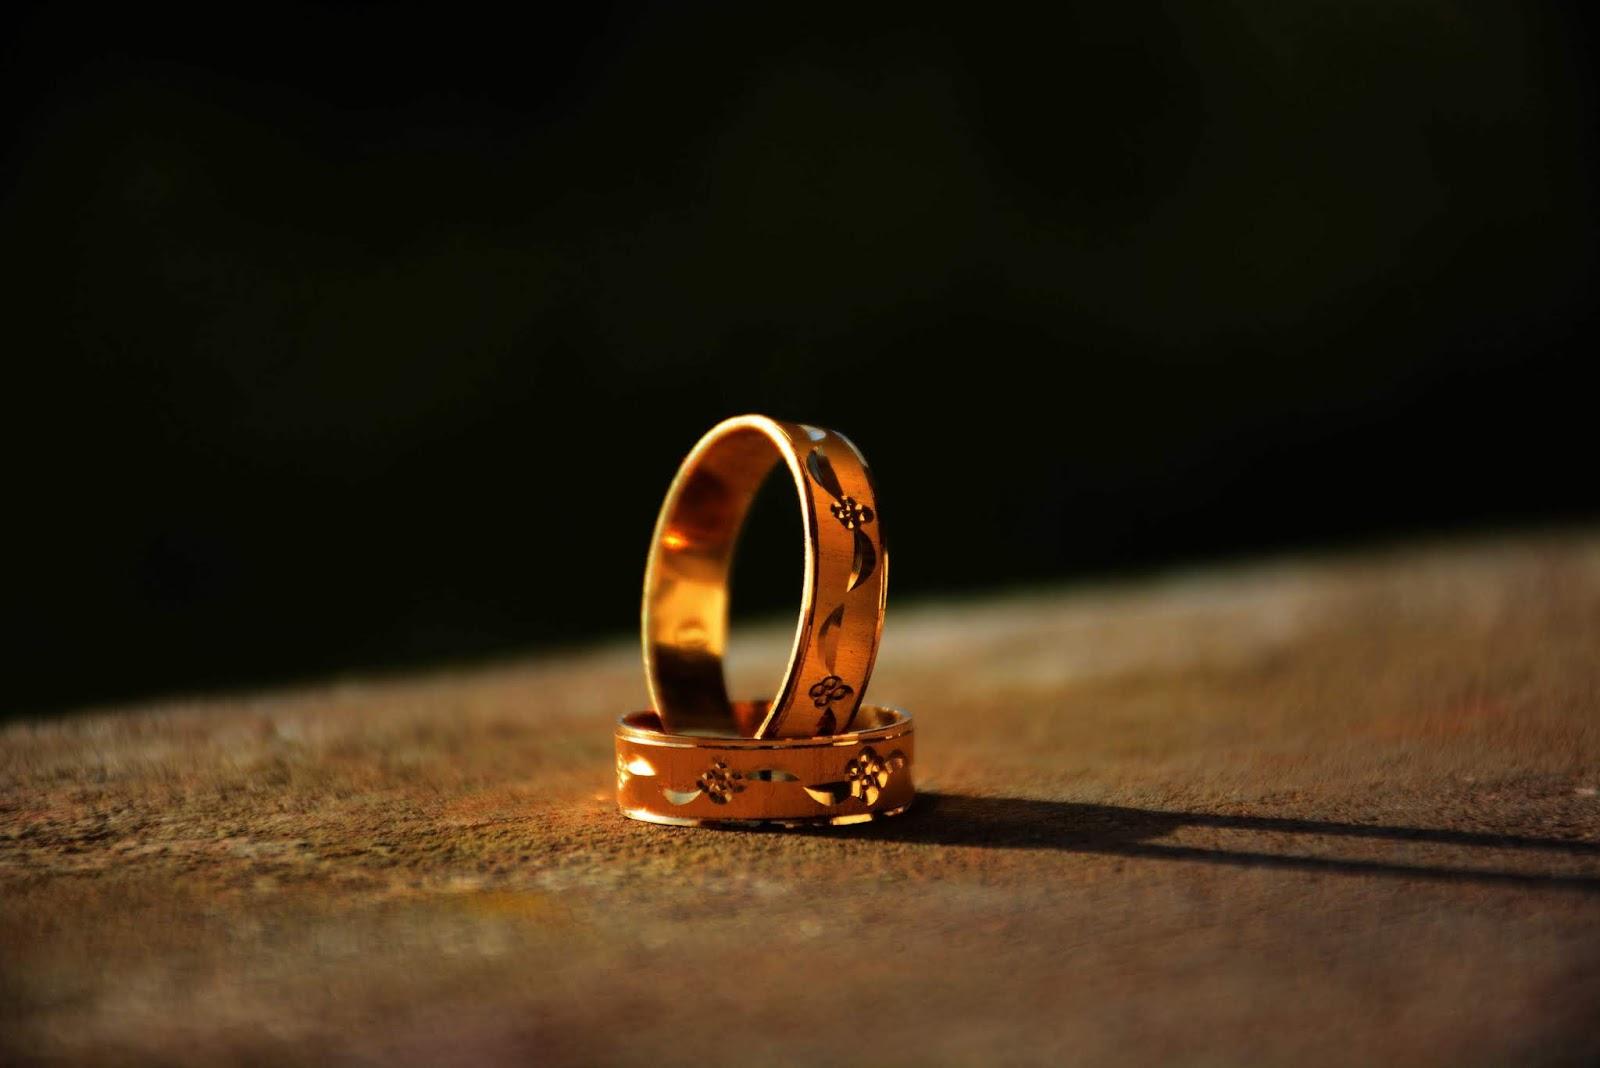 تفسير اهداء خاتم ذهب في المنام